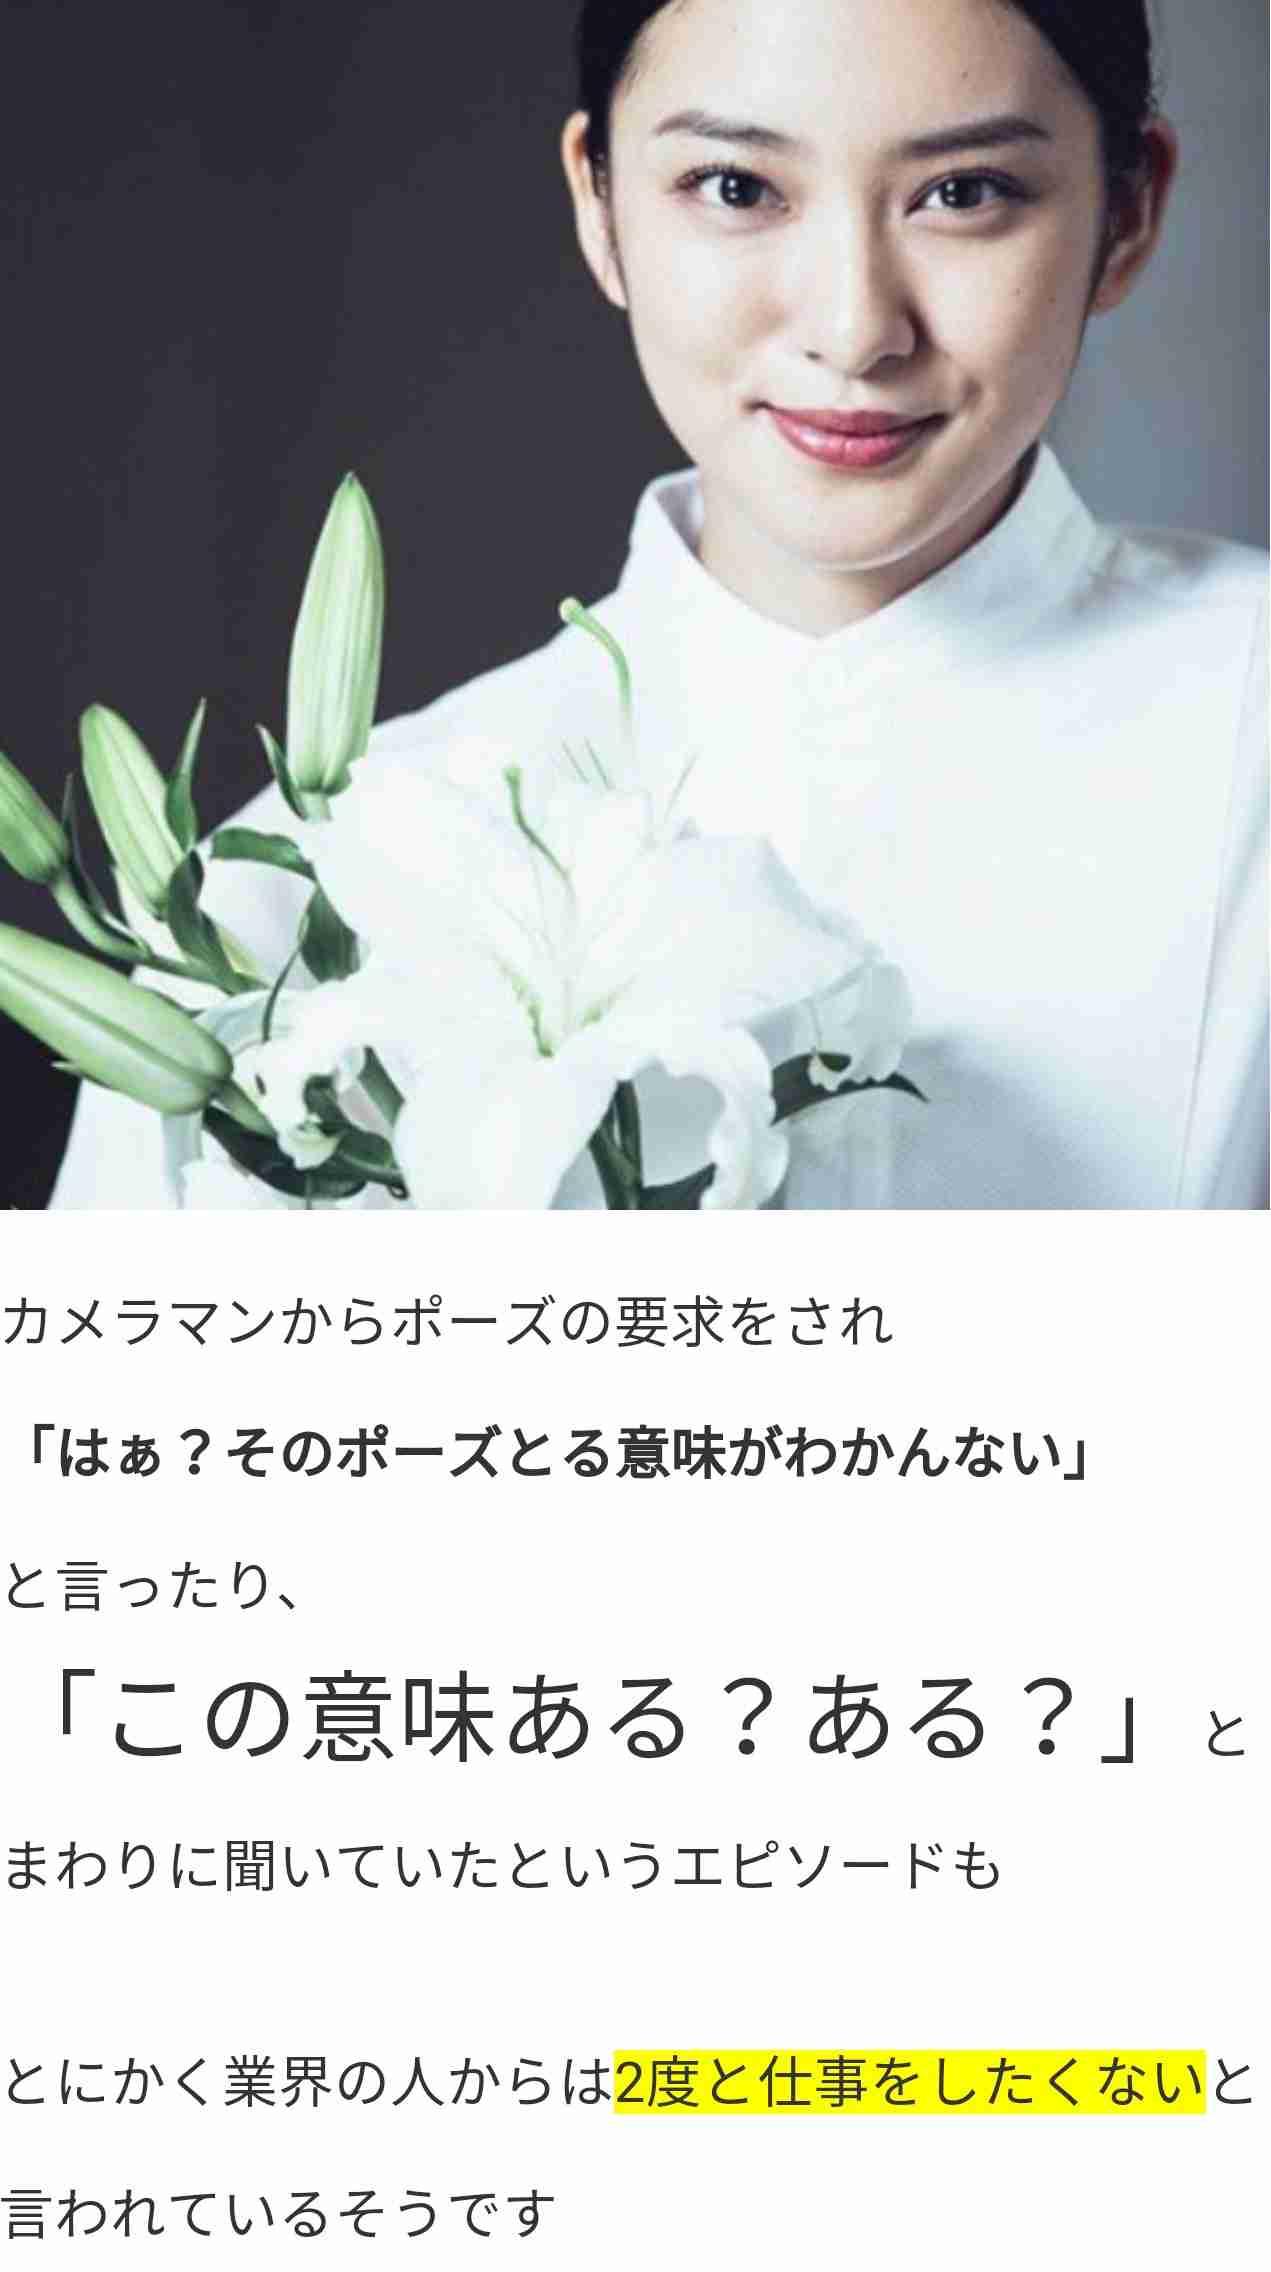 産休でふっくらした武井咲 『セブンティーン』モデル同窓会で大政絢インスタに登場